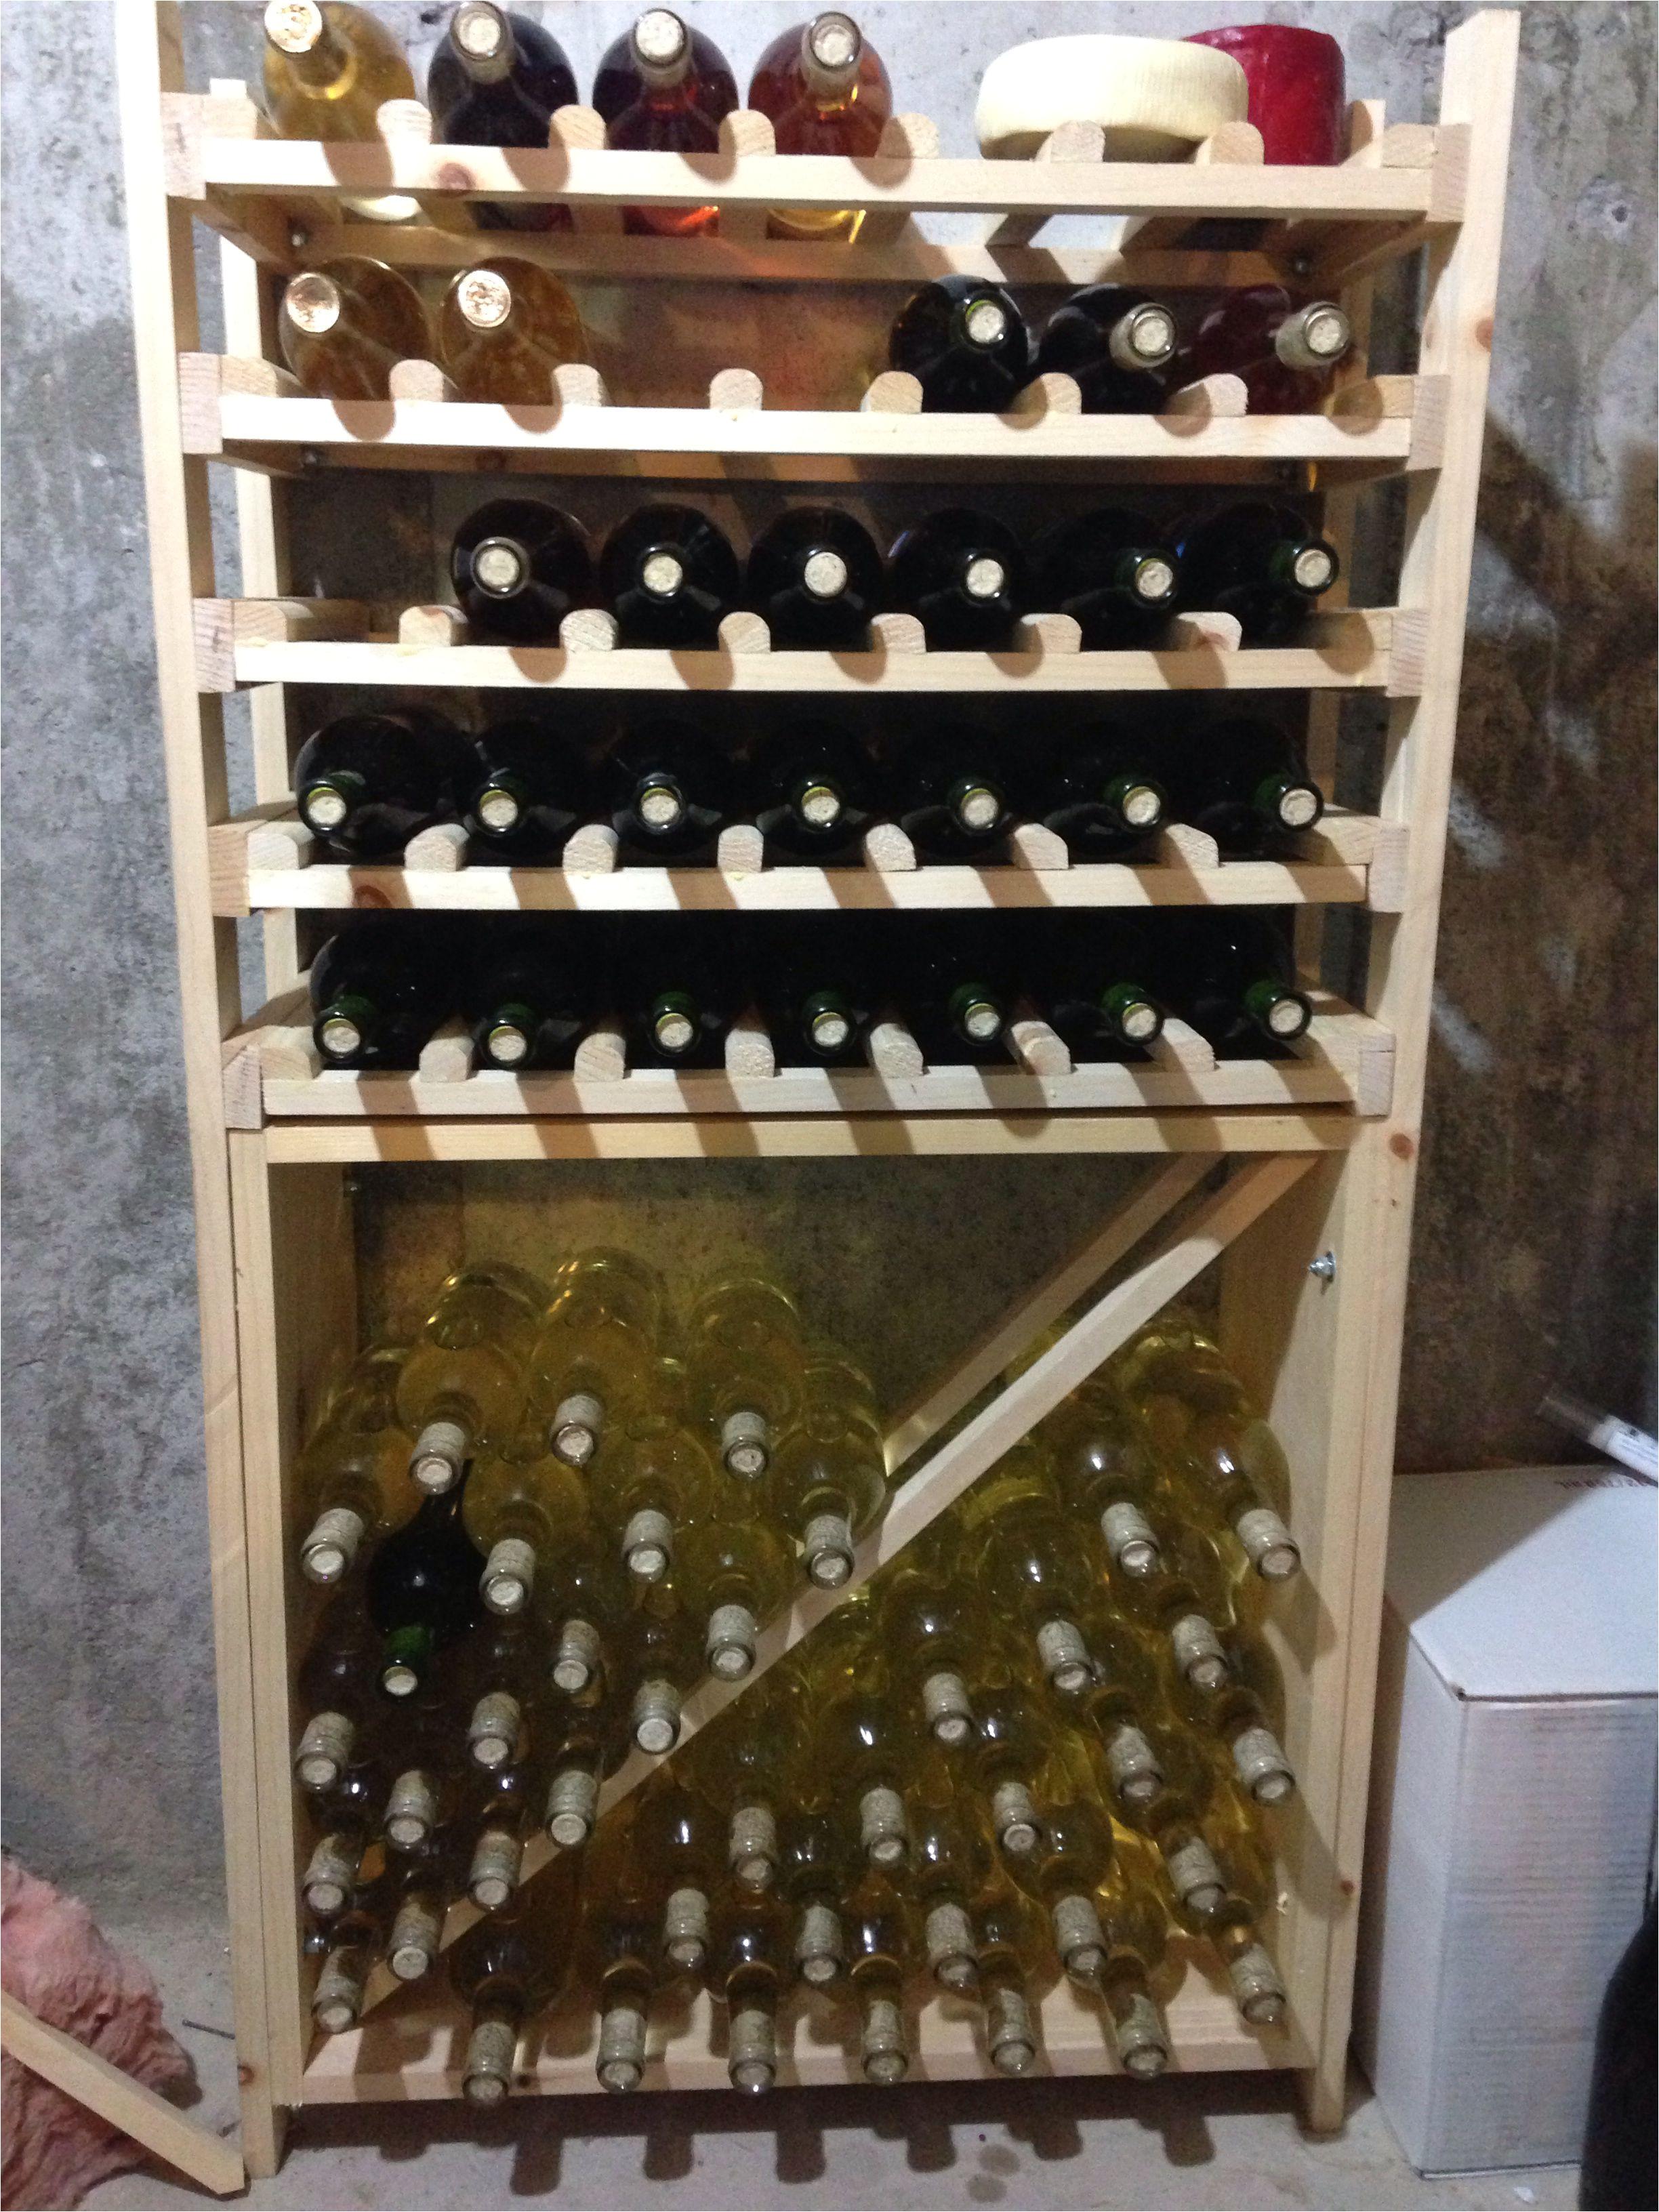 my homemade wine rack